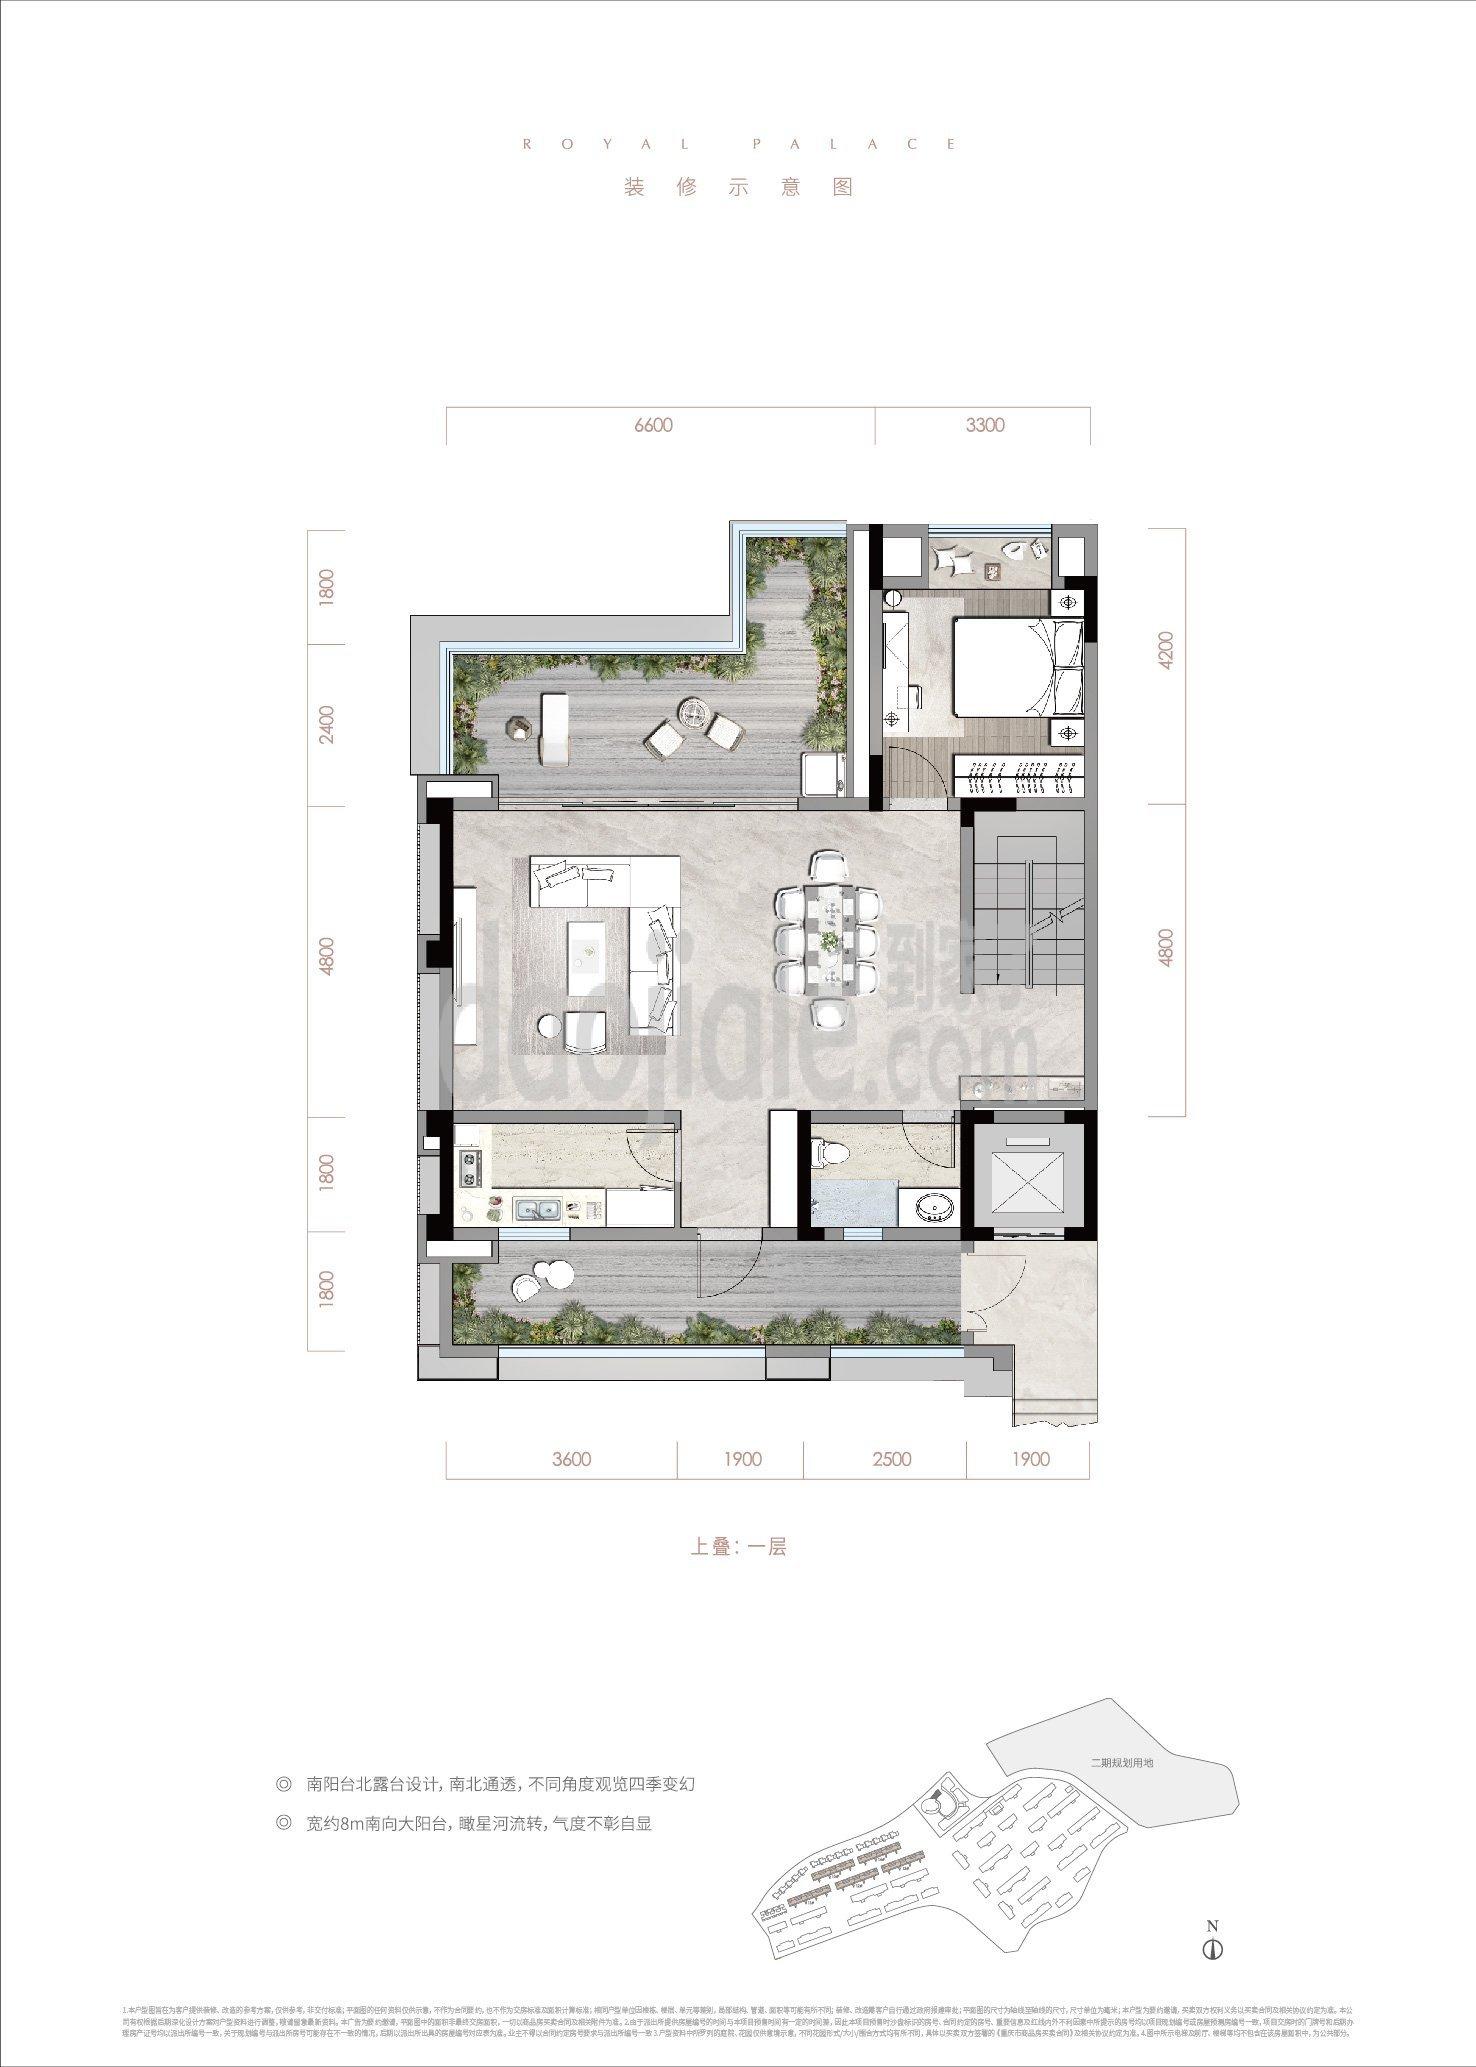 渝北区礼嘉金融街嘉粼融府新房上叠一层户型图